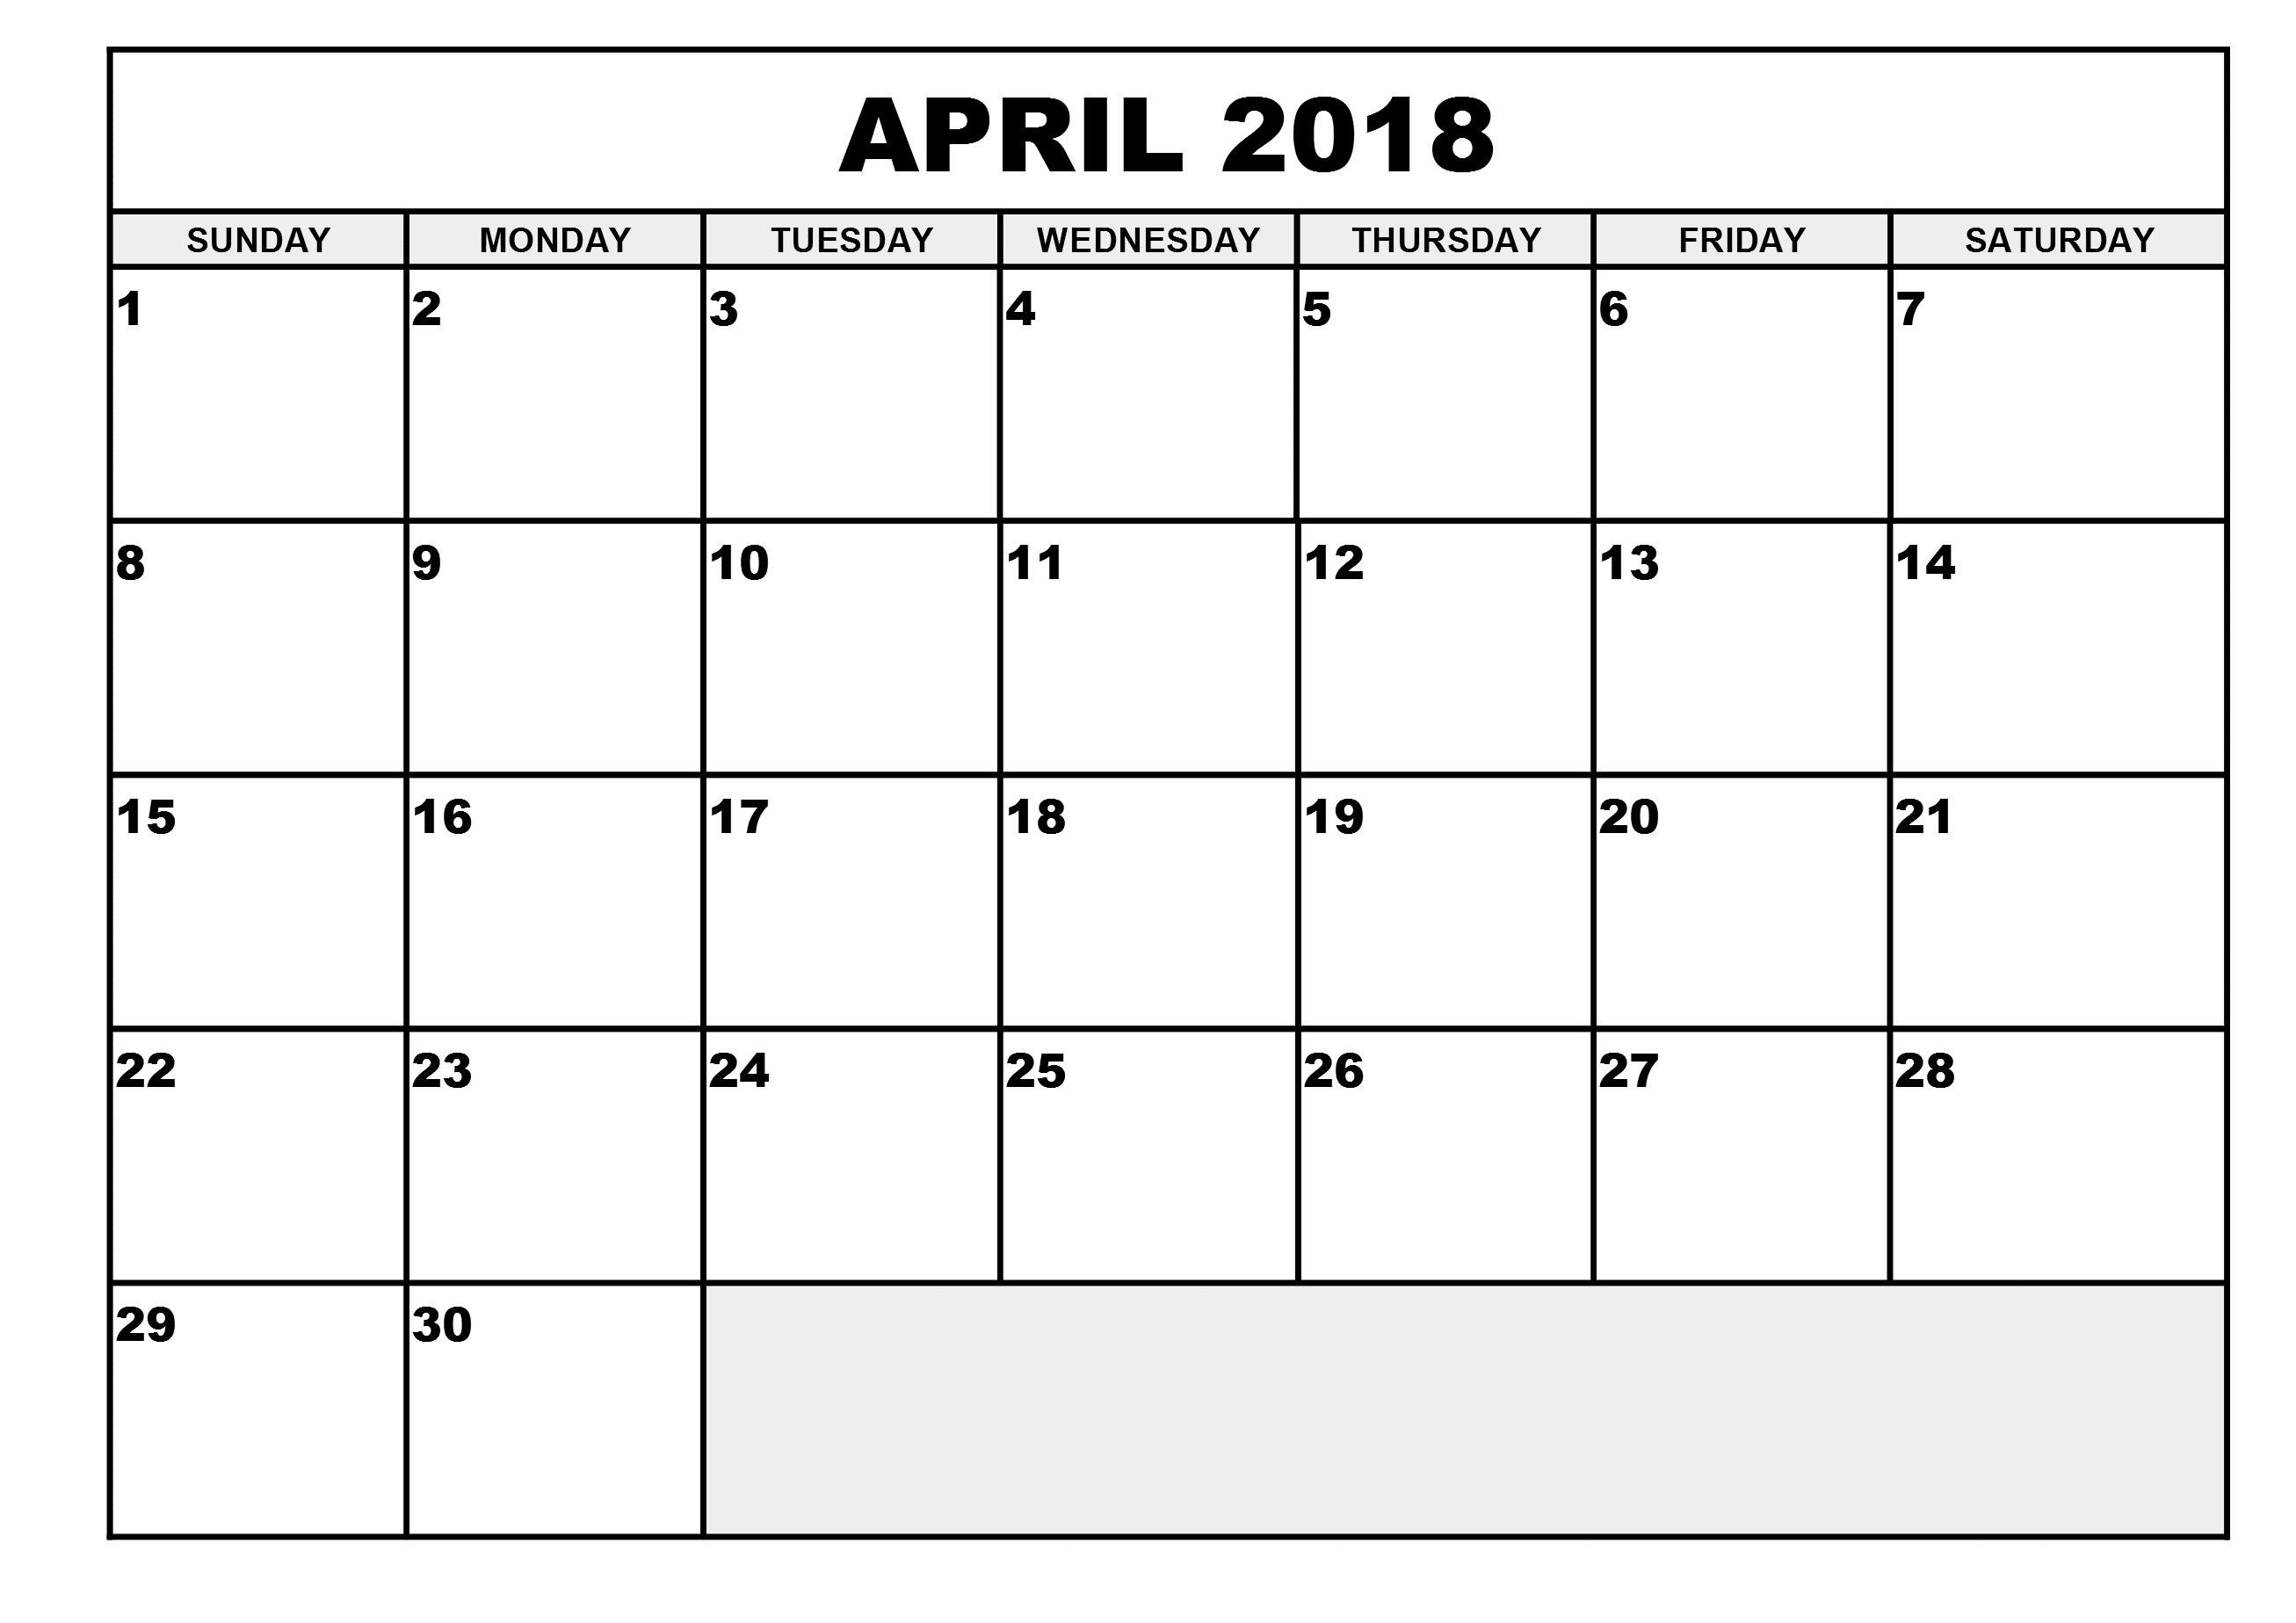 Download April 2018 printable calendar free